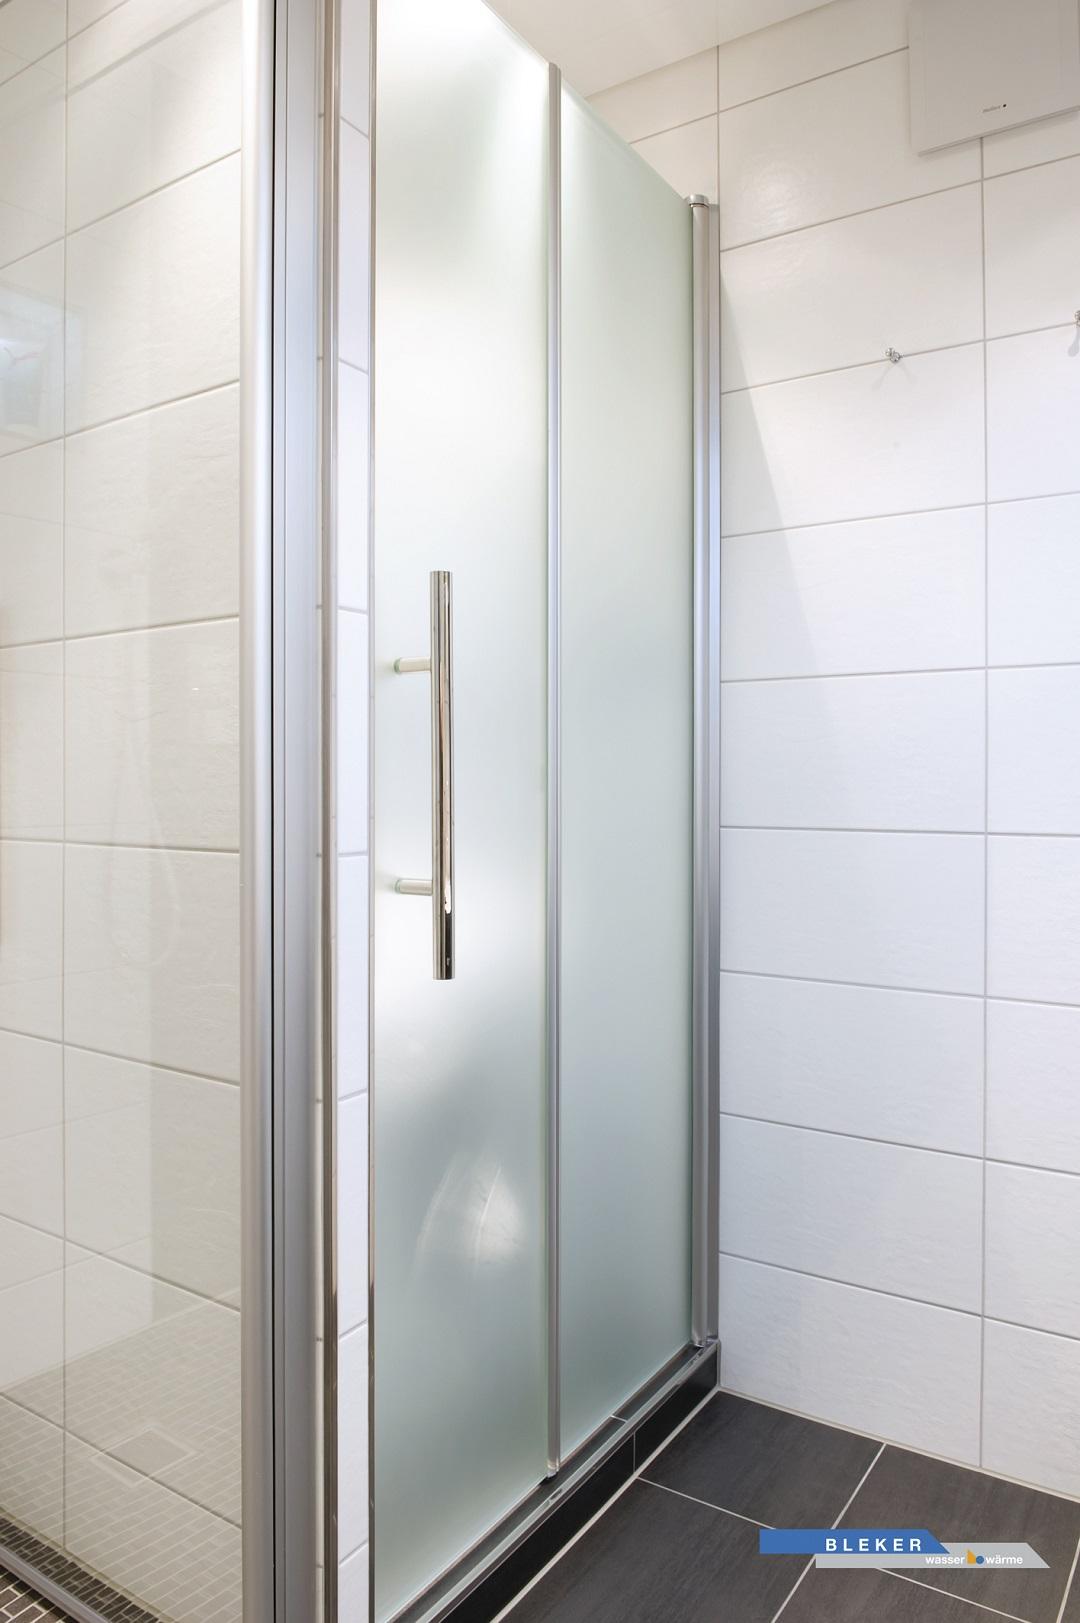 Bad-Abstellraum mit satinierten Glastüren